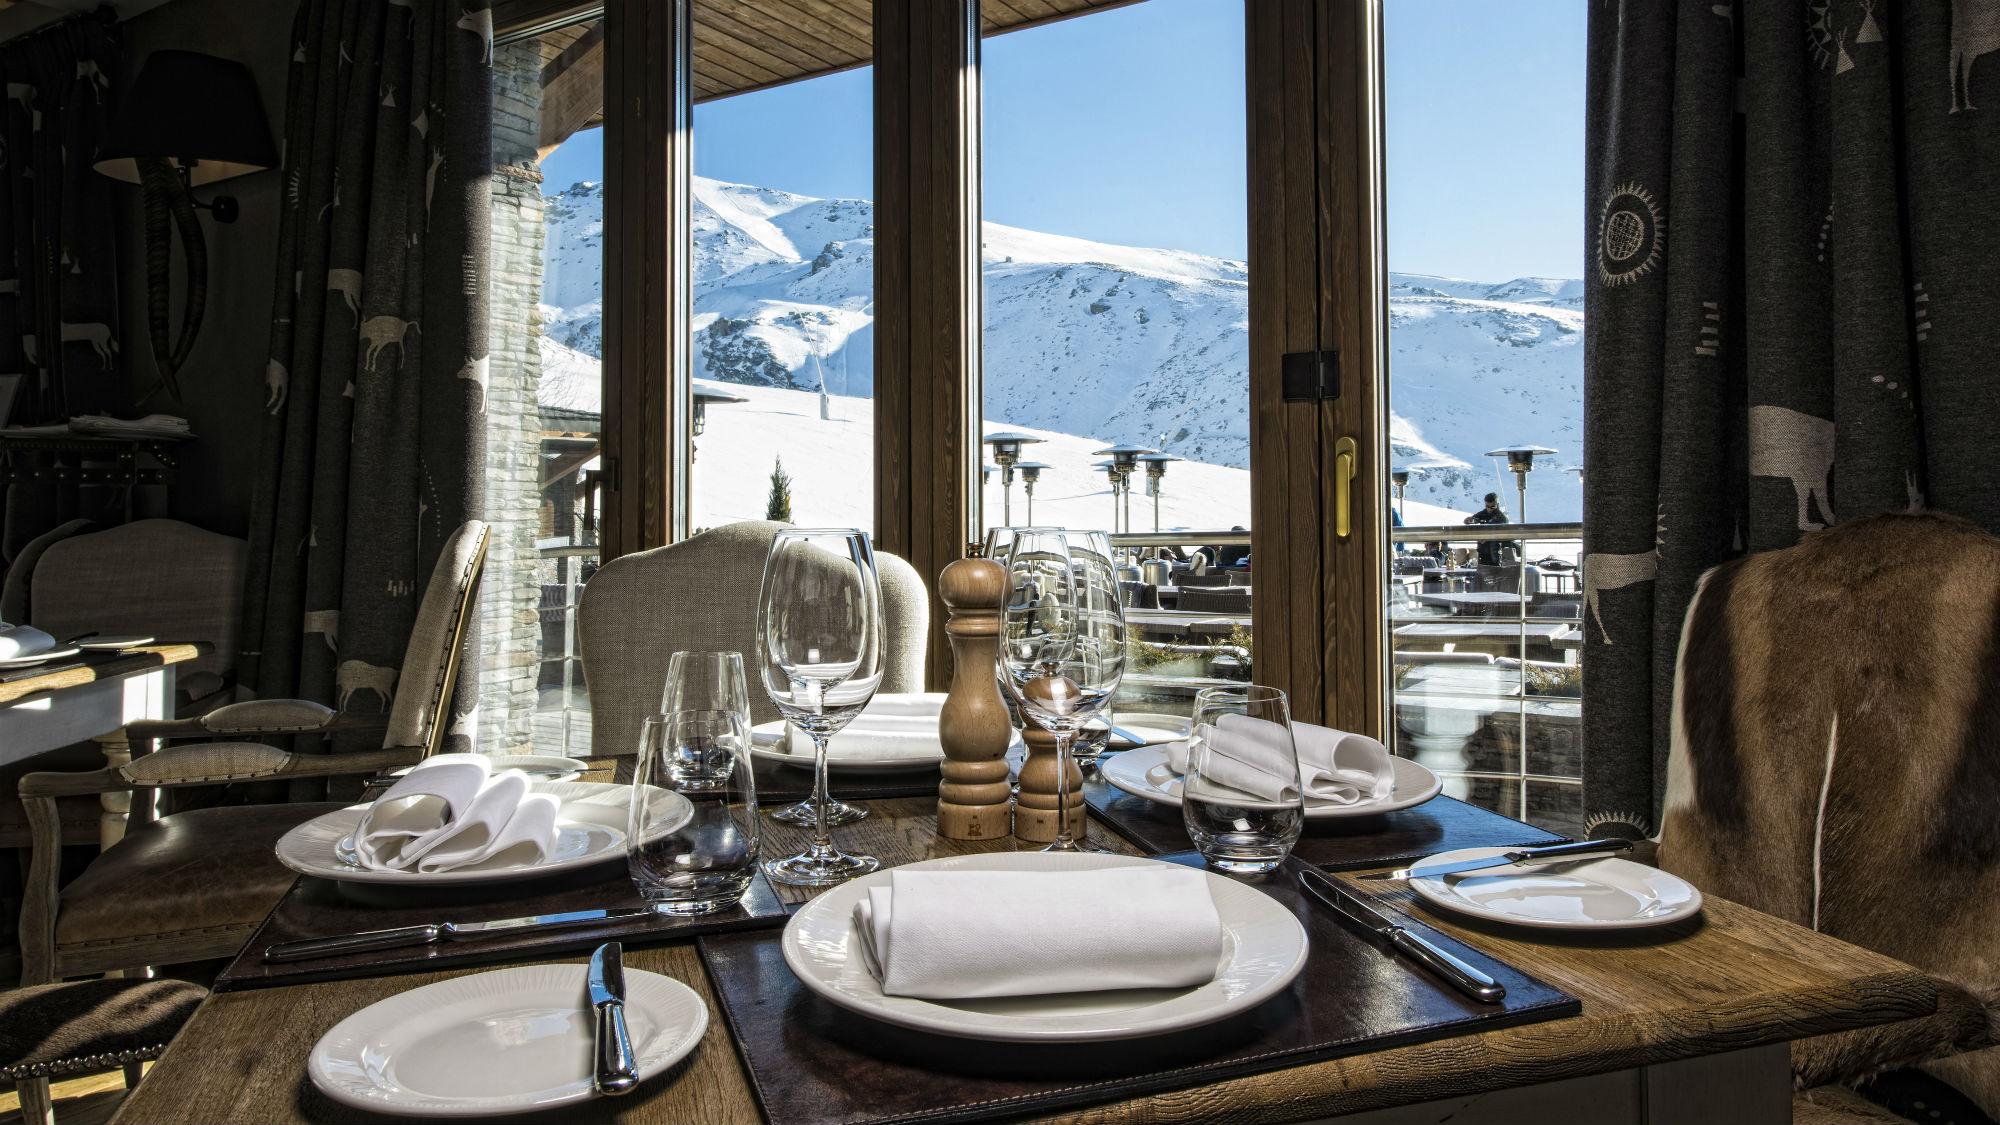 Restaurant_El_Lodge_Hotel_Spain.jpg